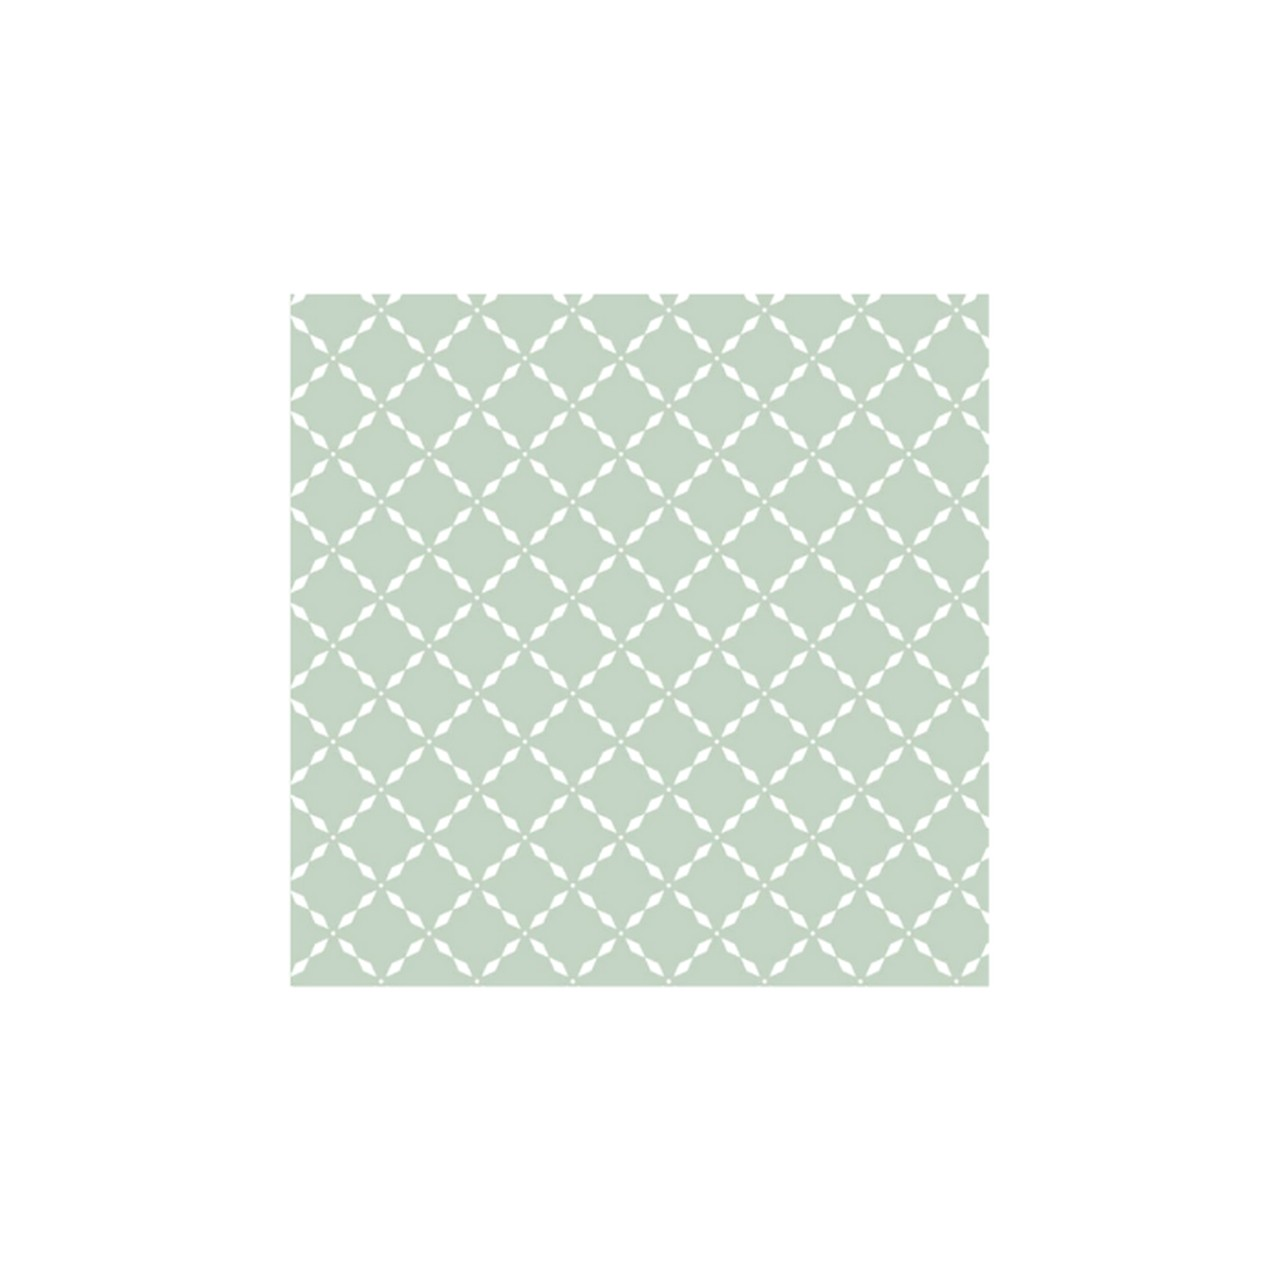 Jogo lençol de elástico solteiro estampa geométrico verde chá